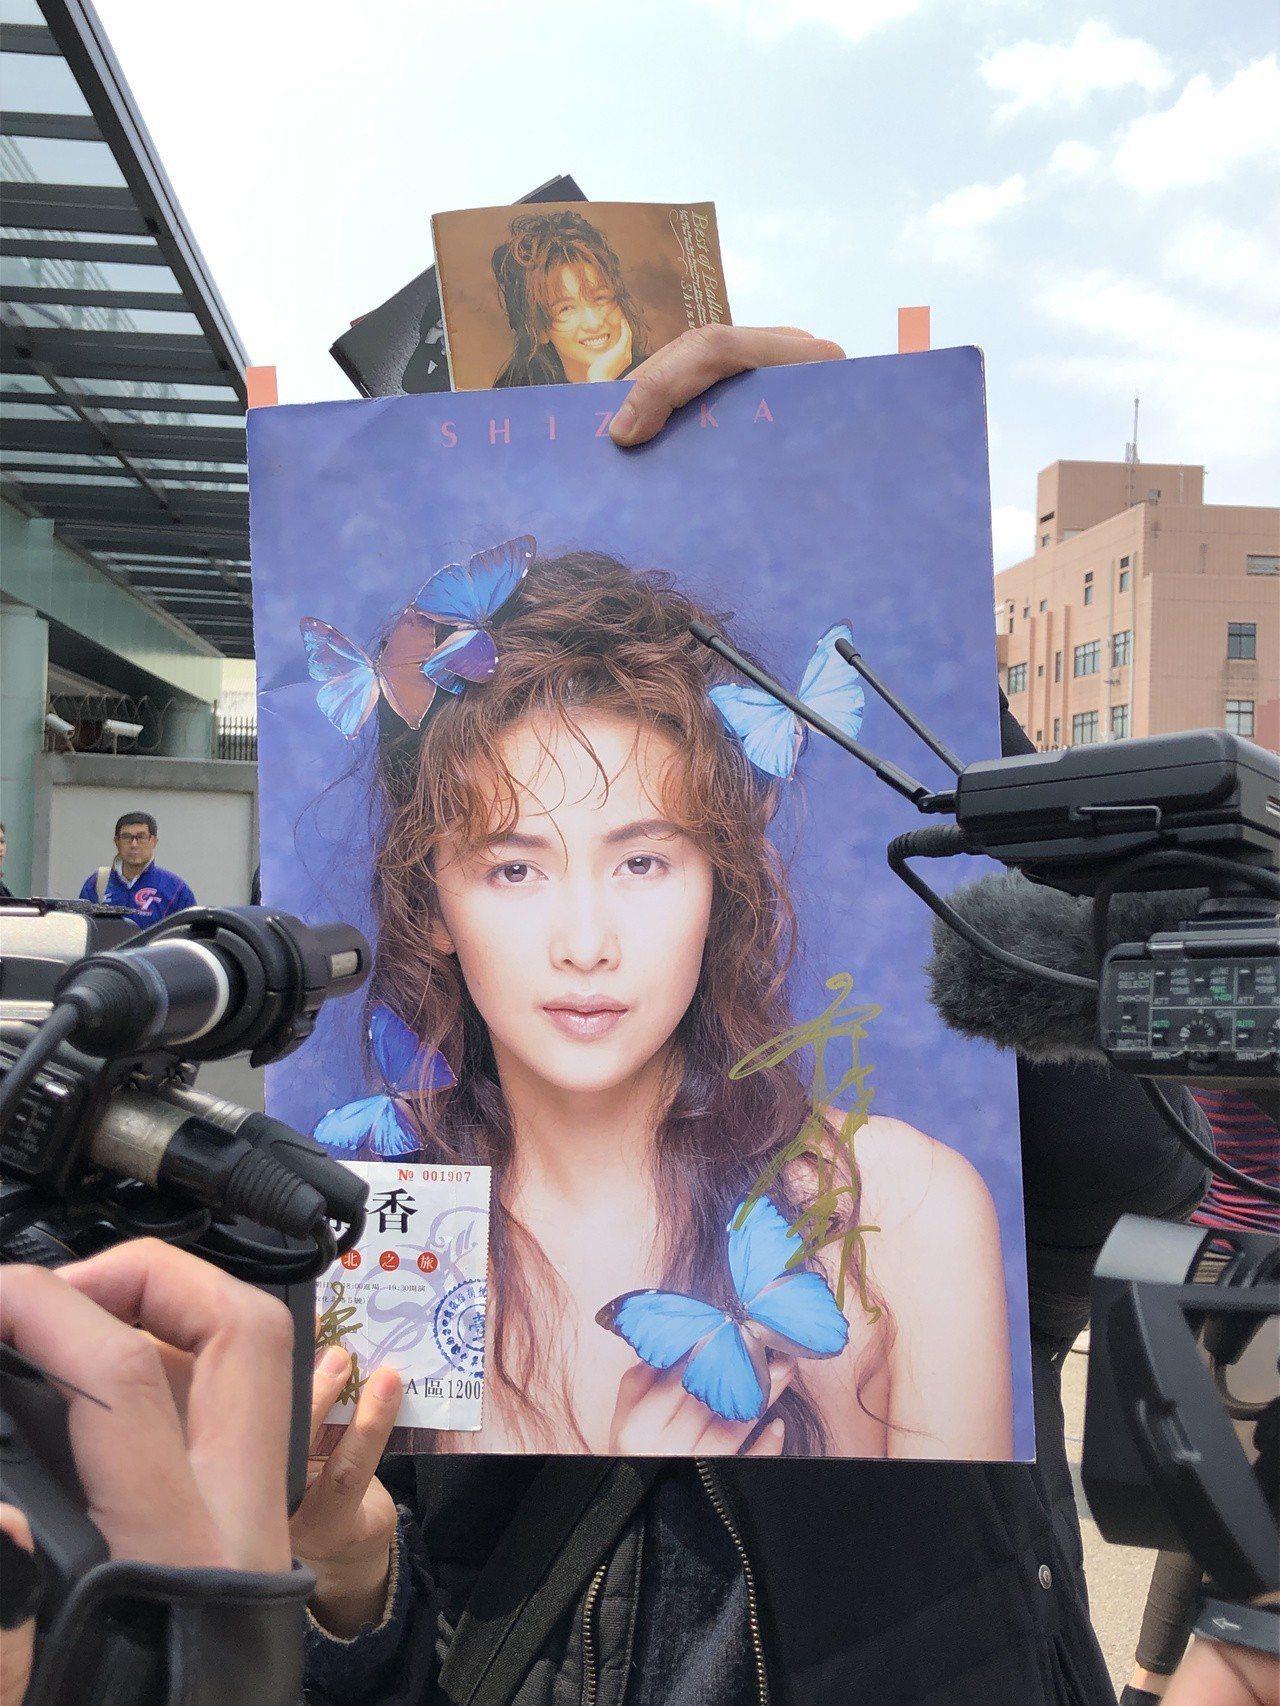 現場粉絲幸運的獲得工藤靜香的簽名。記者曾智緯/攝影